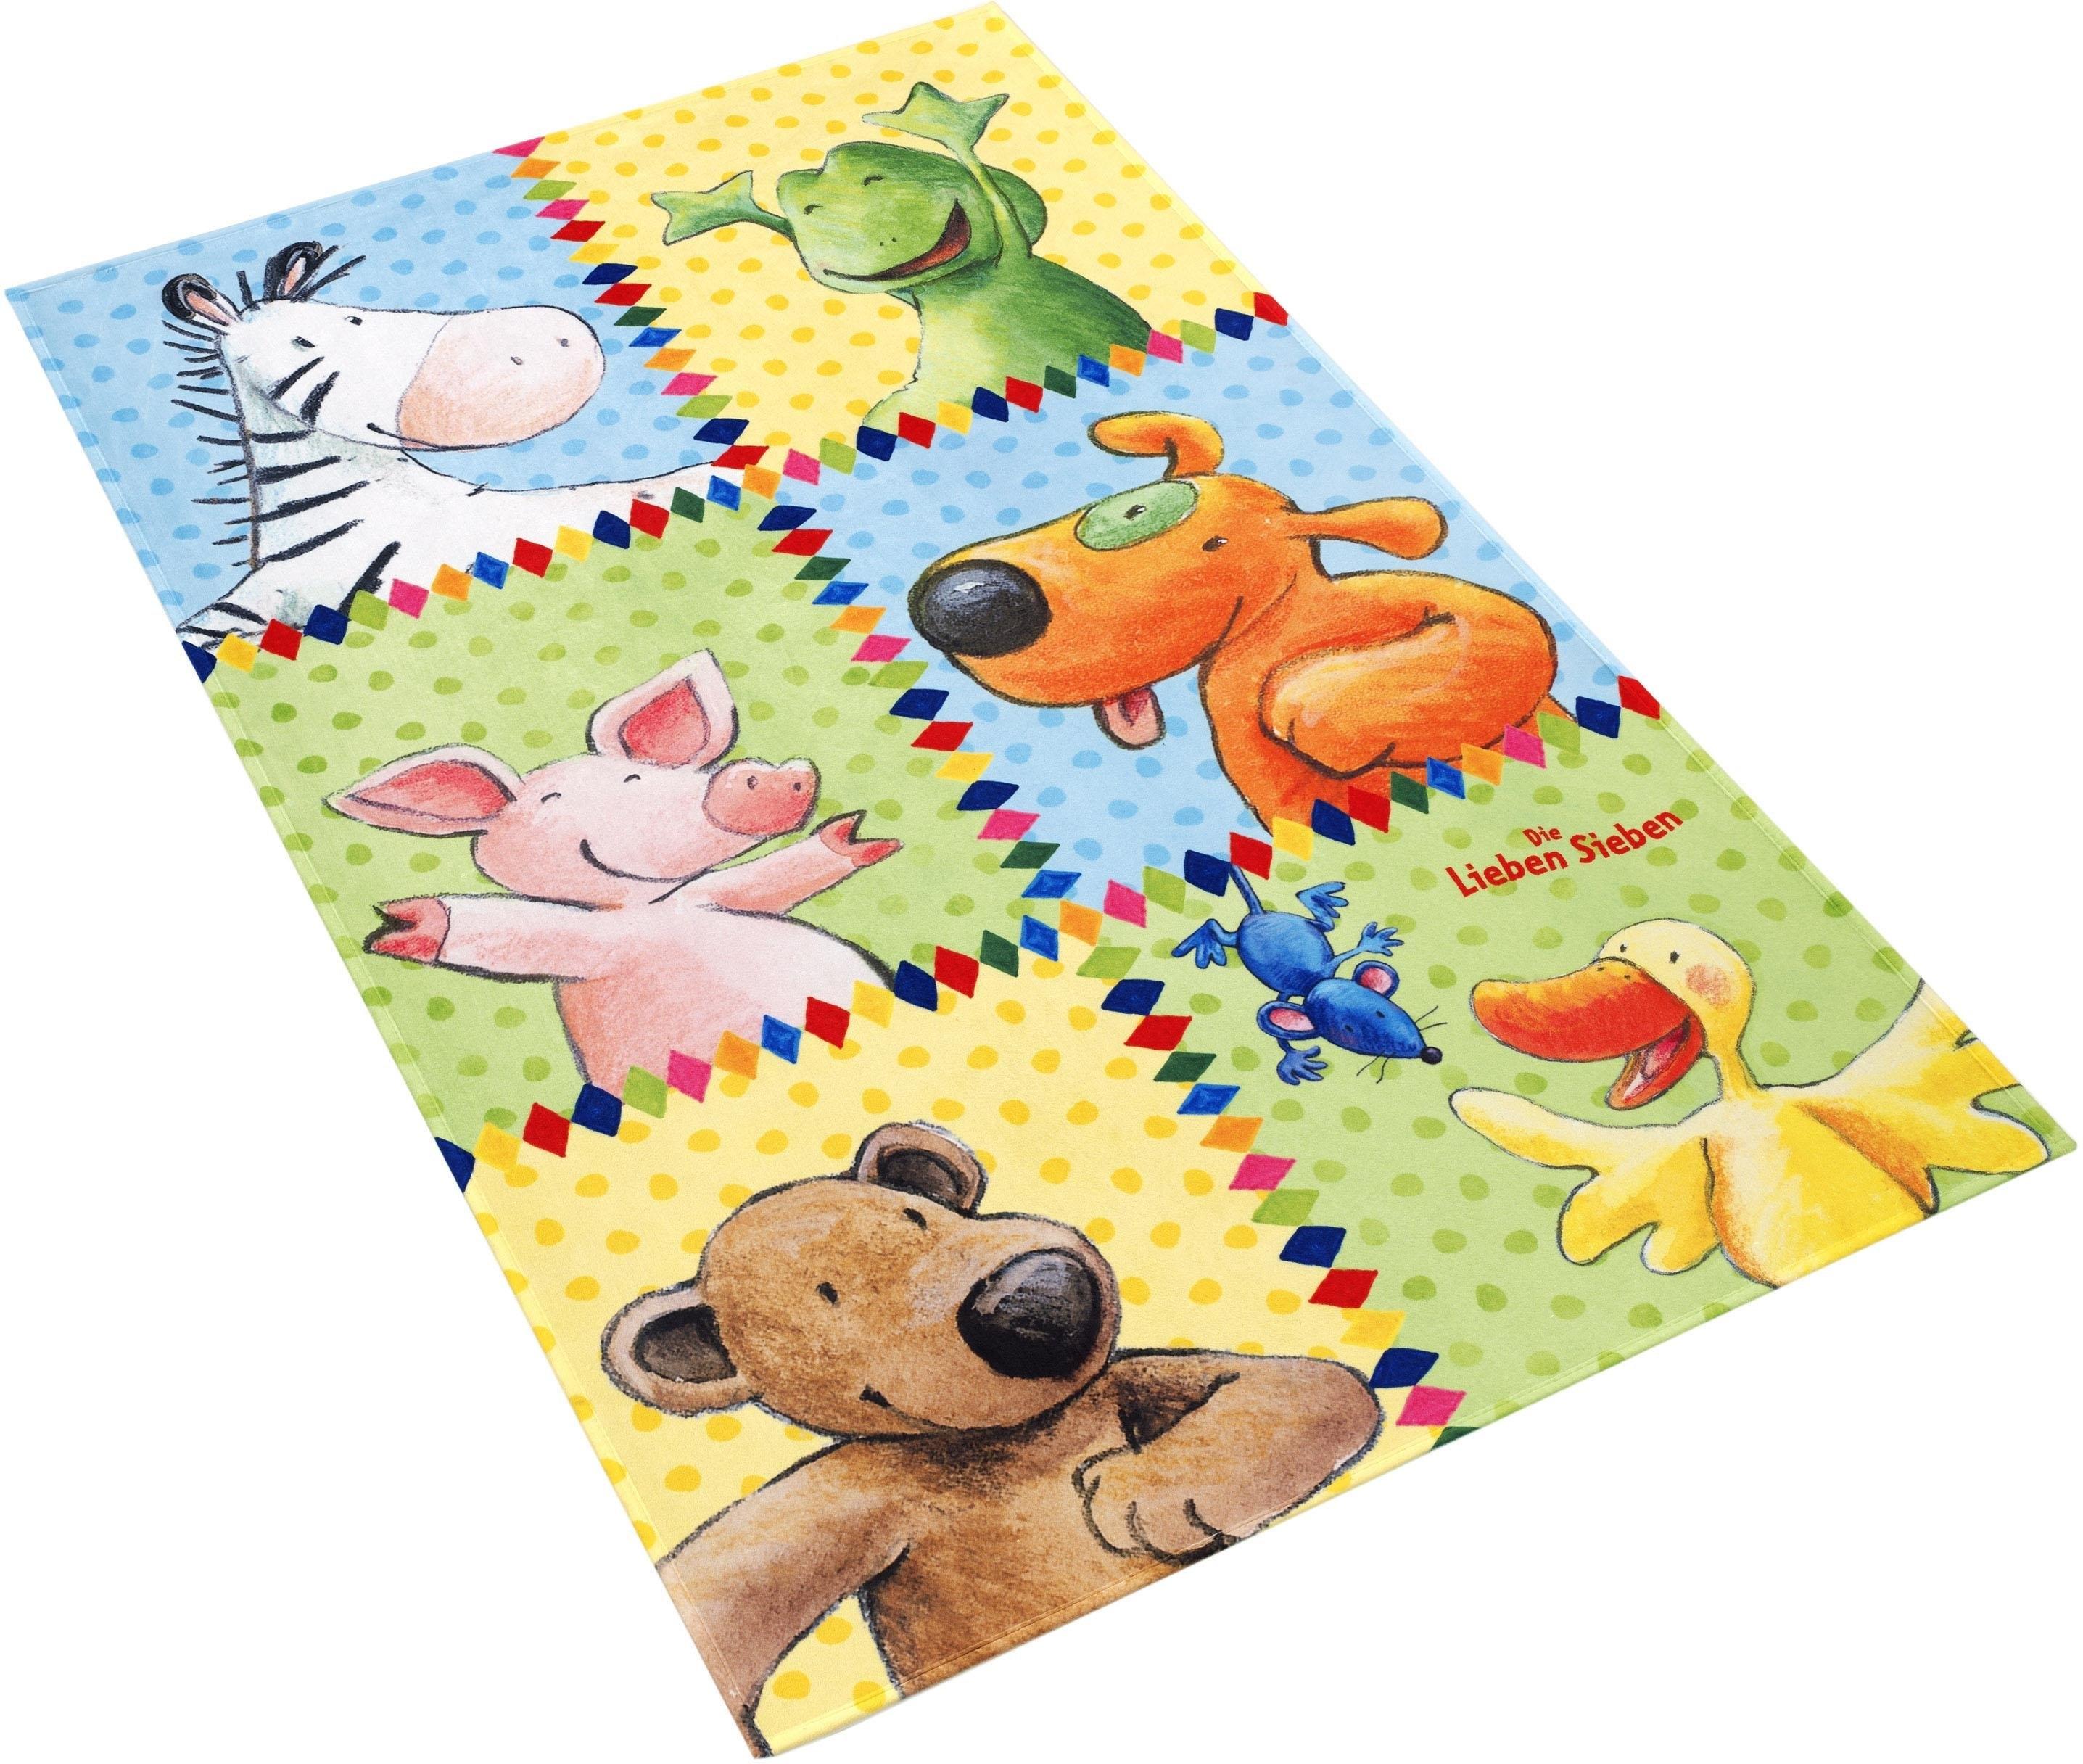 Die Lieben Sieben vloerkleed voor de kinderkamer LS-213 Stof print, zachte microvezel, kinderkamer bij OTTO online kopen